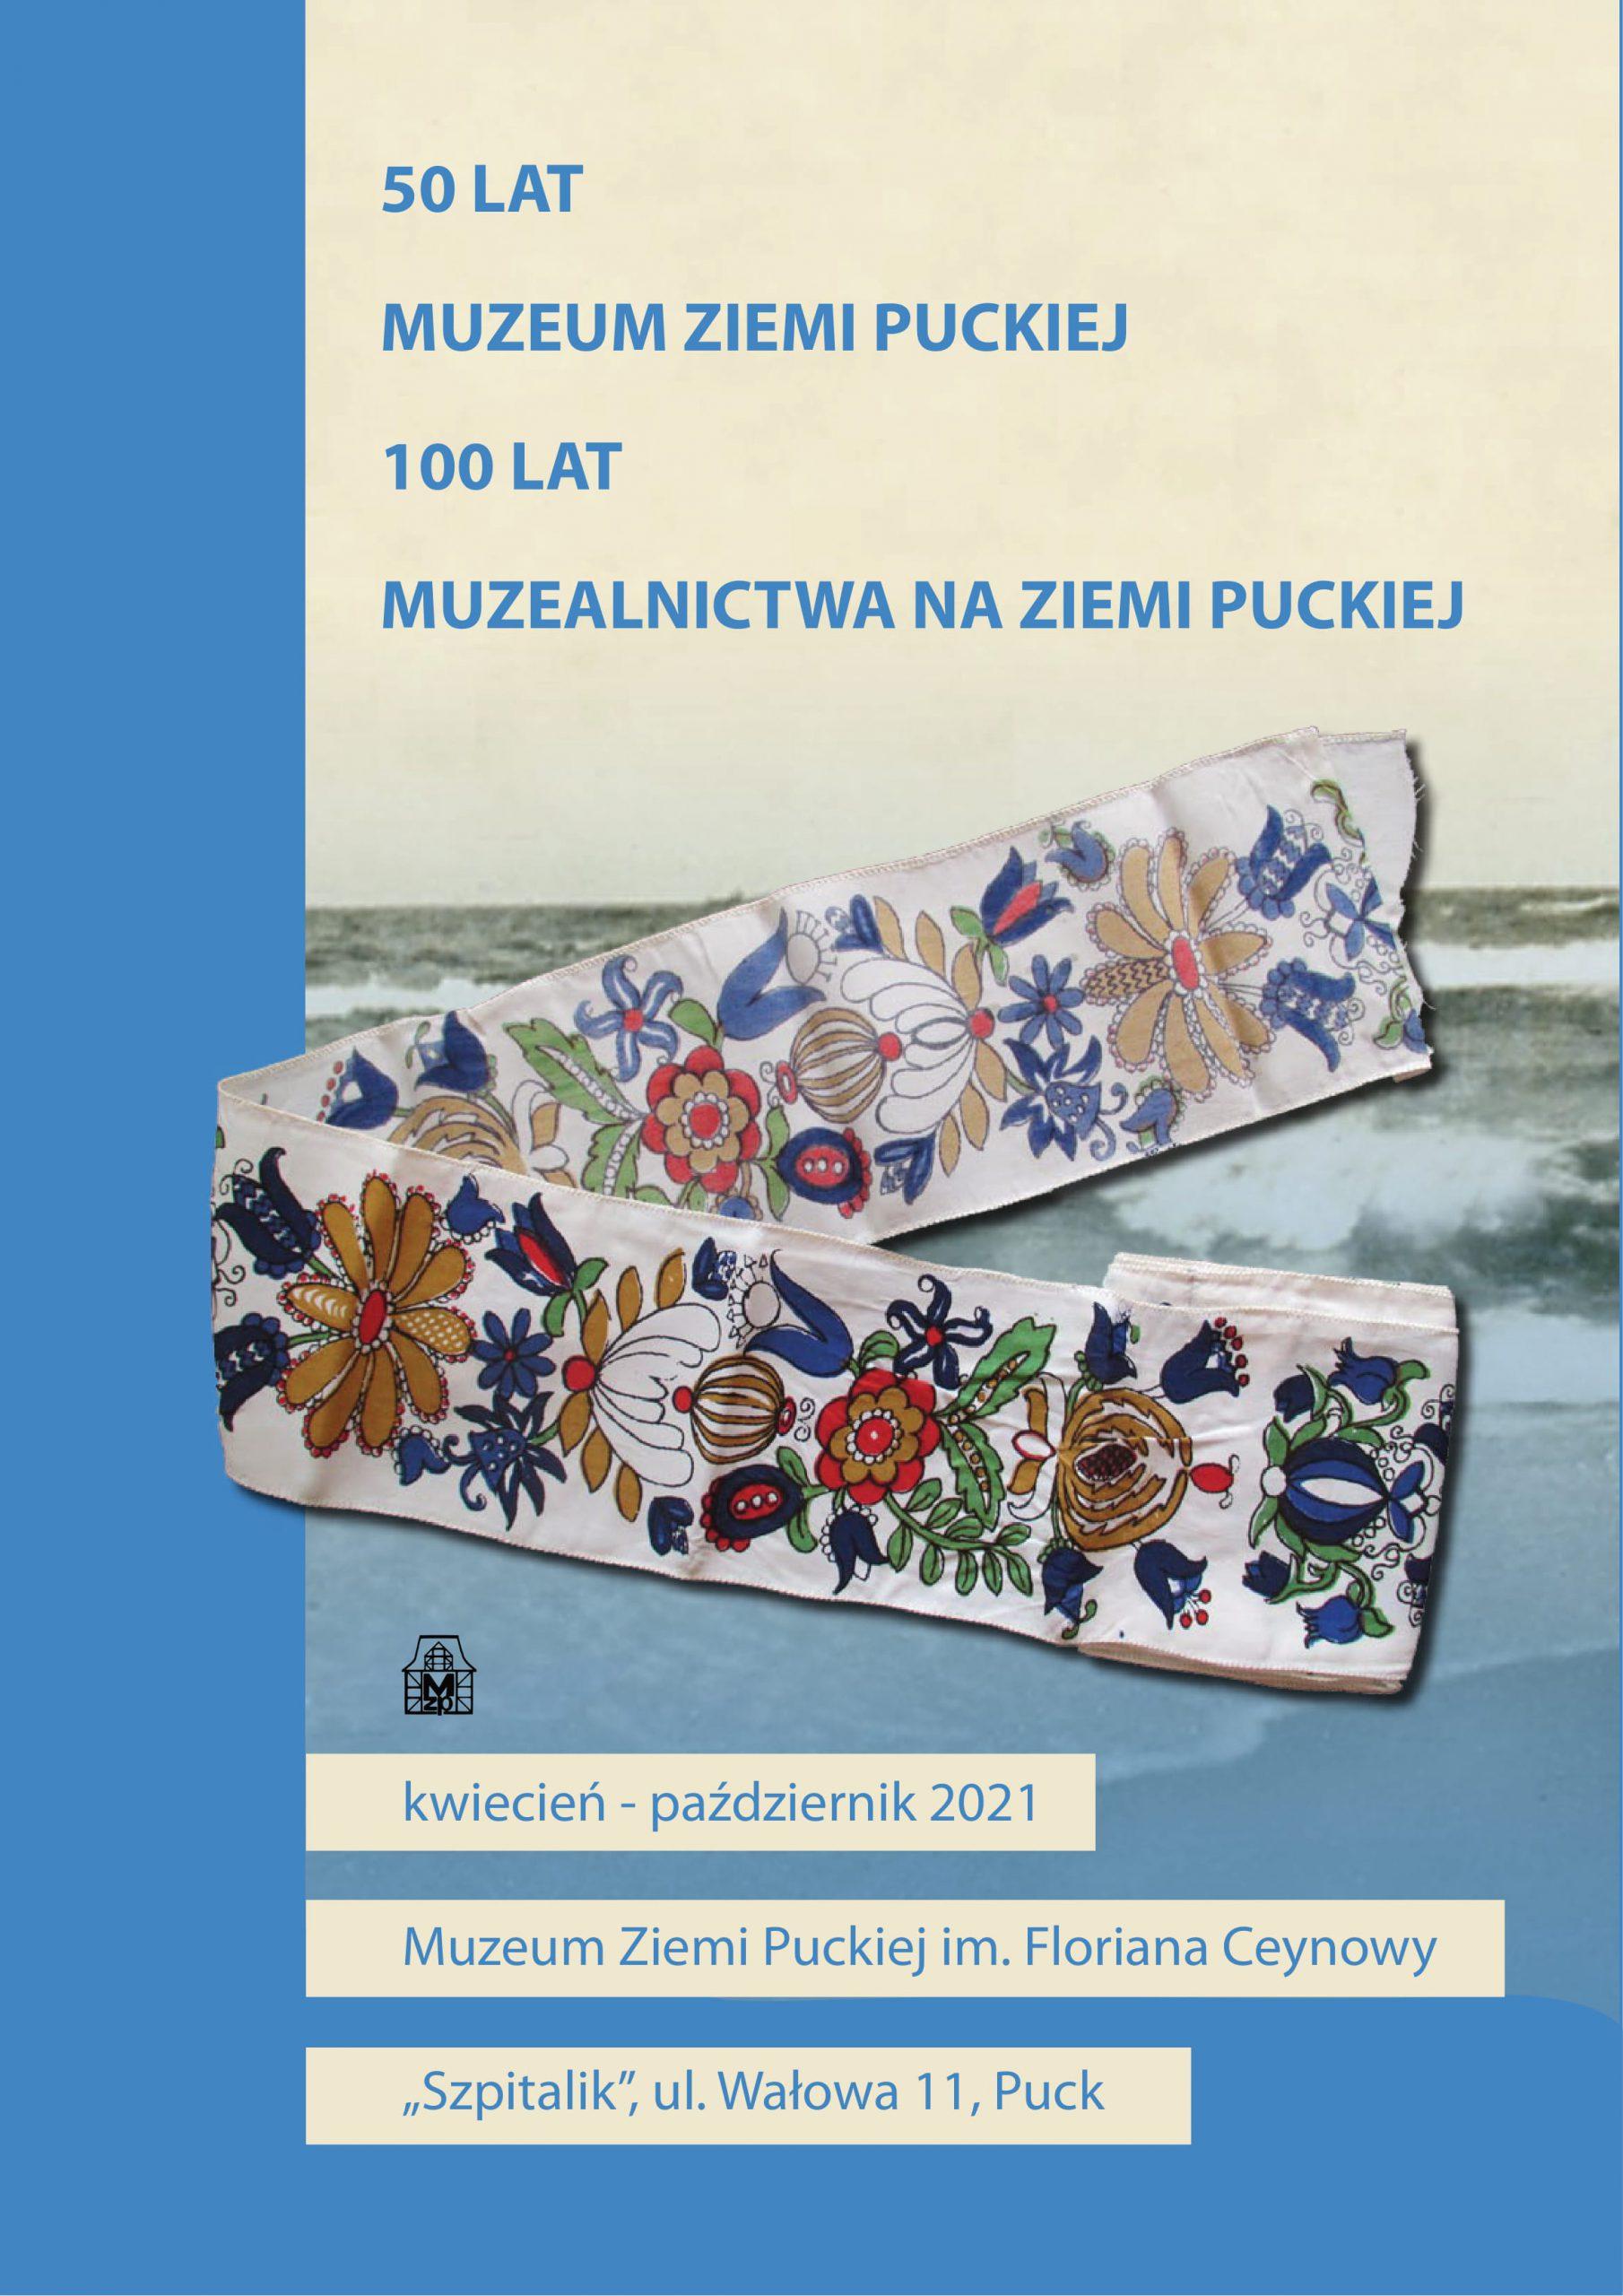 Plakat utrzymany jest w niebieskich kolorach w centralnym miejscu znajduje się wstążka z motywem haftu kaszubskiego.